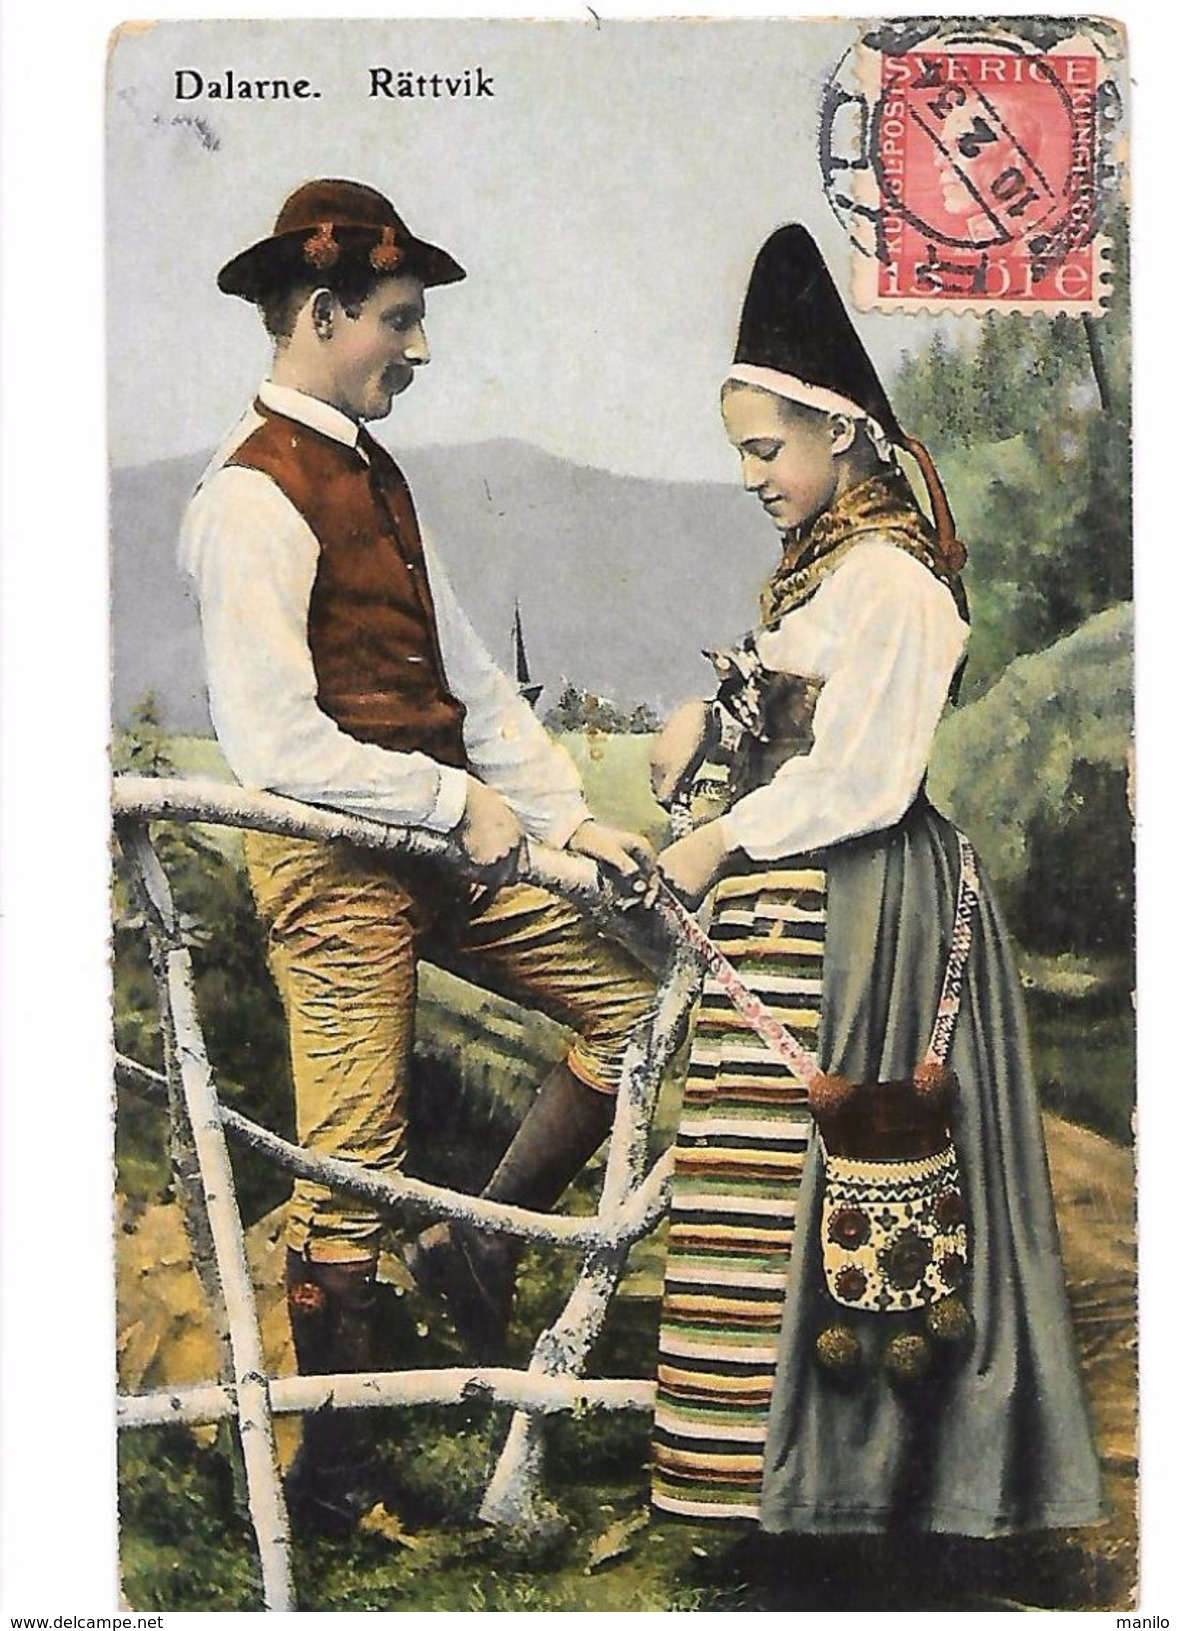 CONGRES ESPERANTO à STOCKHOLM En 1934 Sur Carte Couleur D'un Couple De Suédois DALARNE.RATTVIK Signé ERIK OLOFSSON - Esperanto